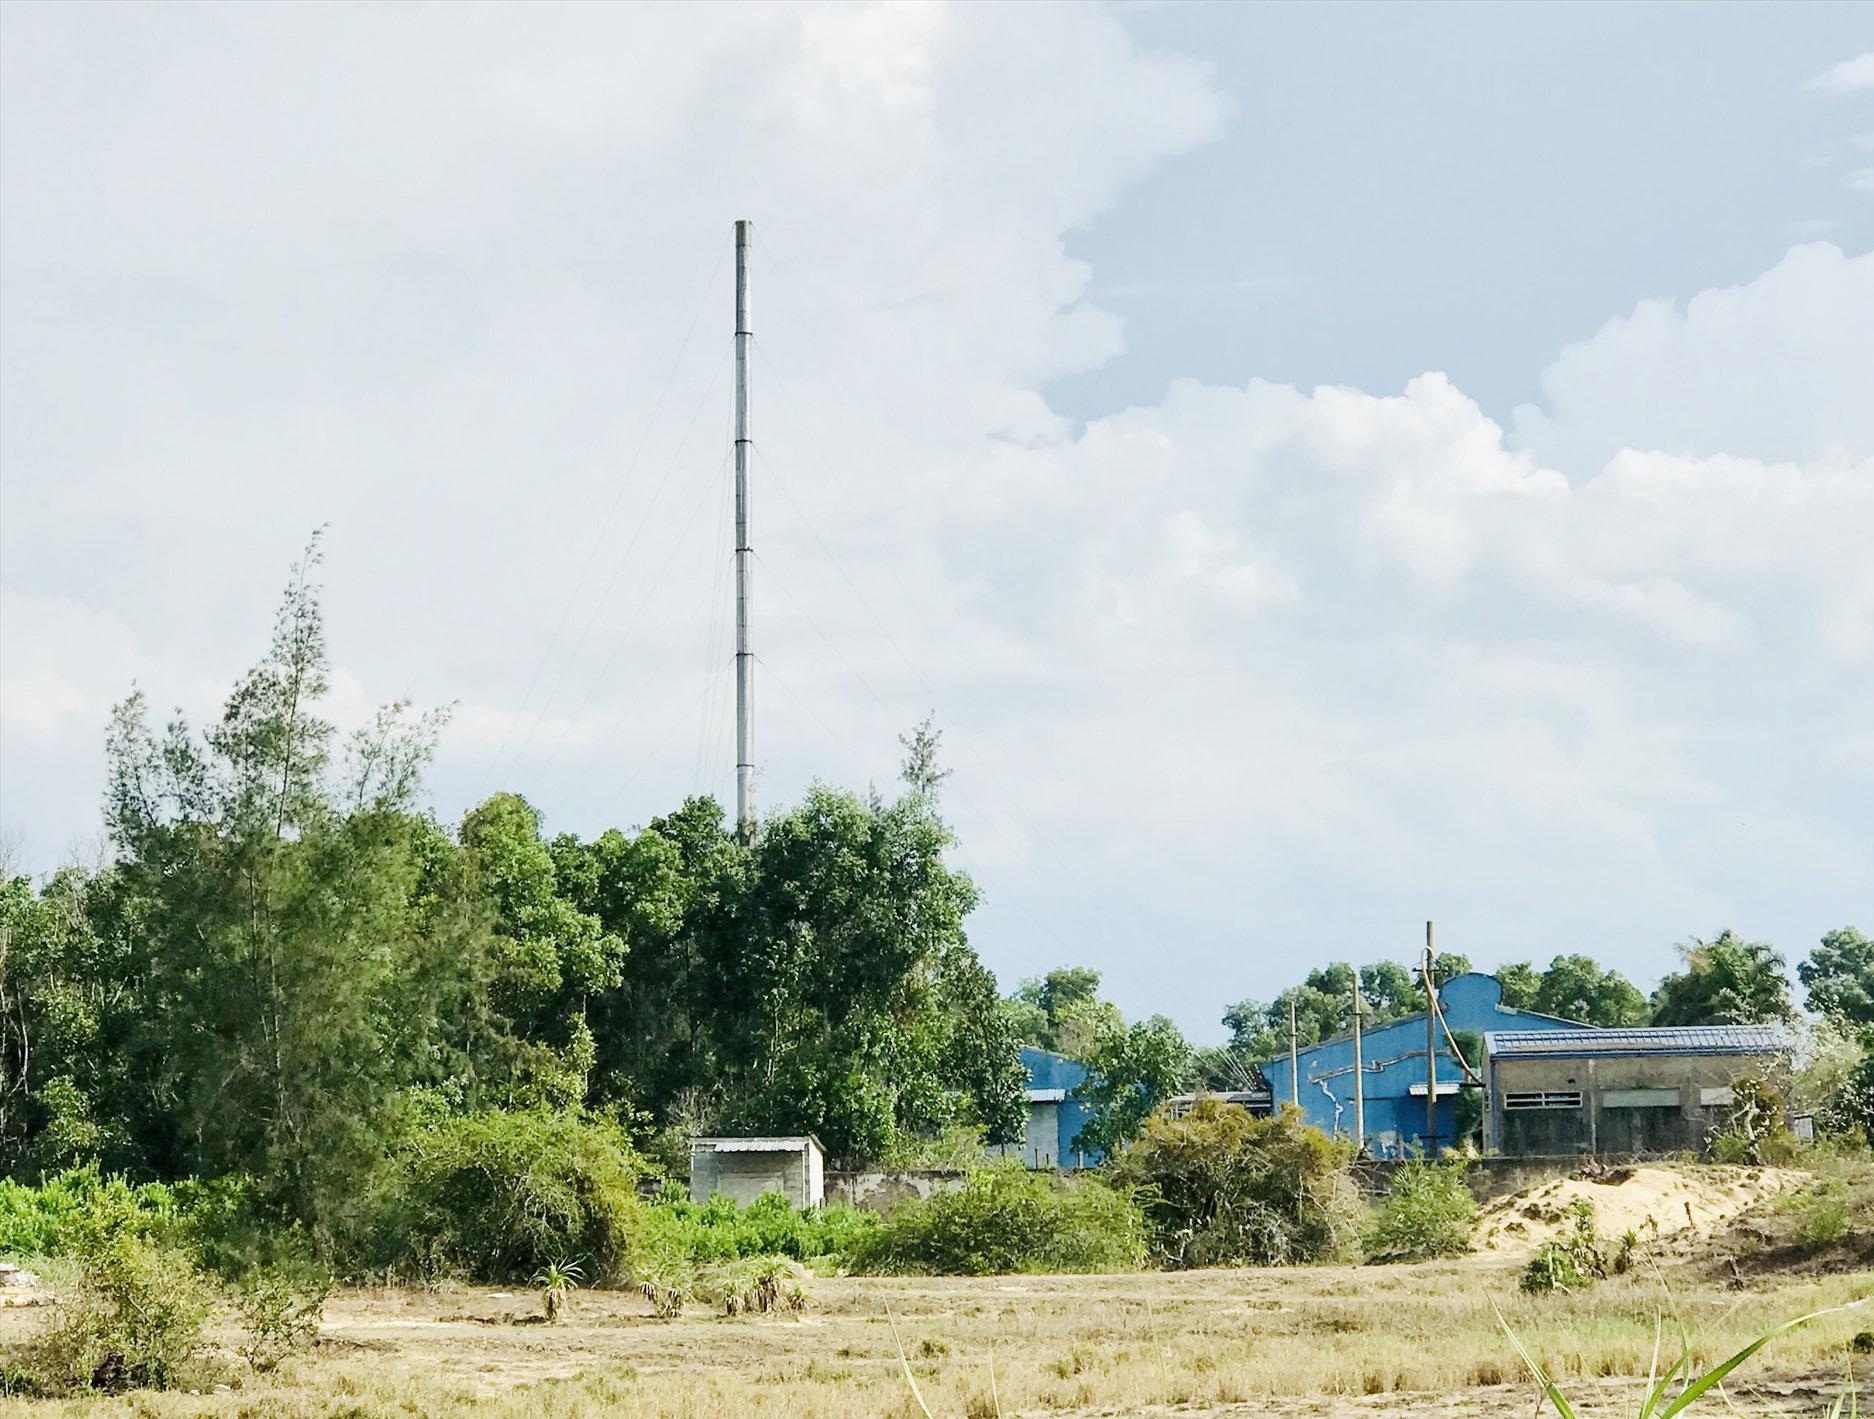 Người dân sinh sống xung quanh nhà máy của Công ty Sông Ngân thường xuyên phải hứng chịu mùi hôi nồng nặc. Ảnh: H.S